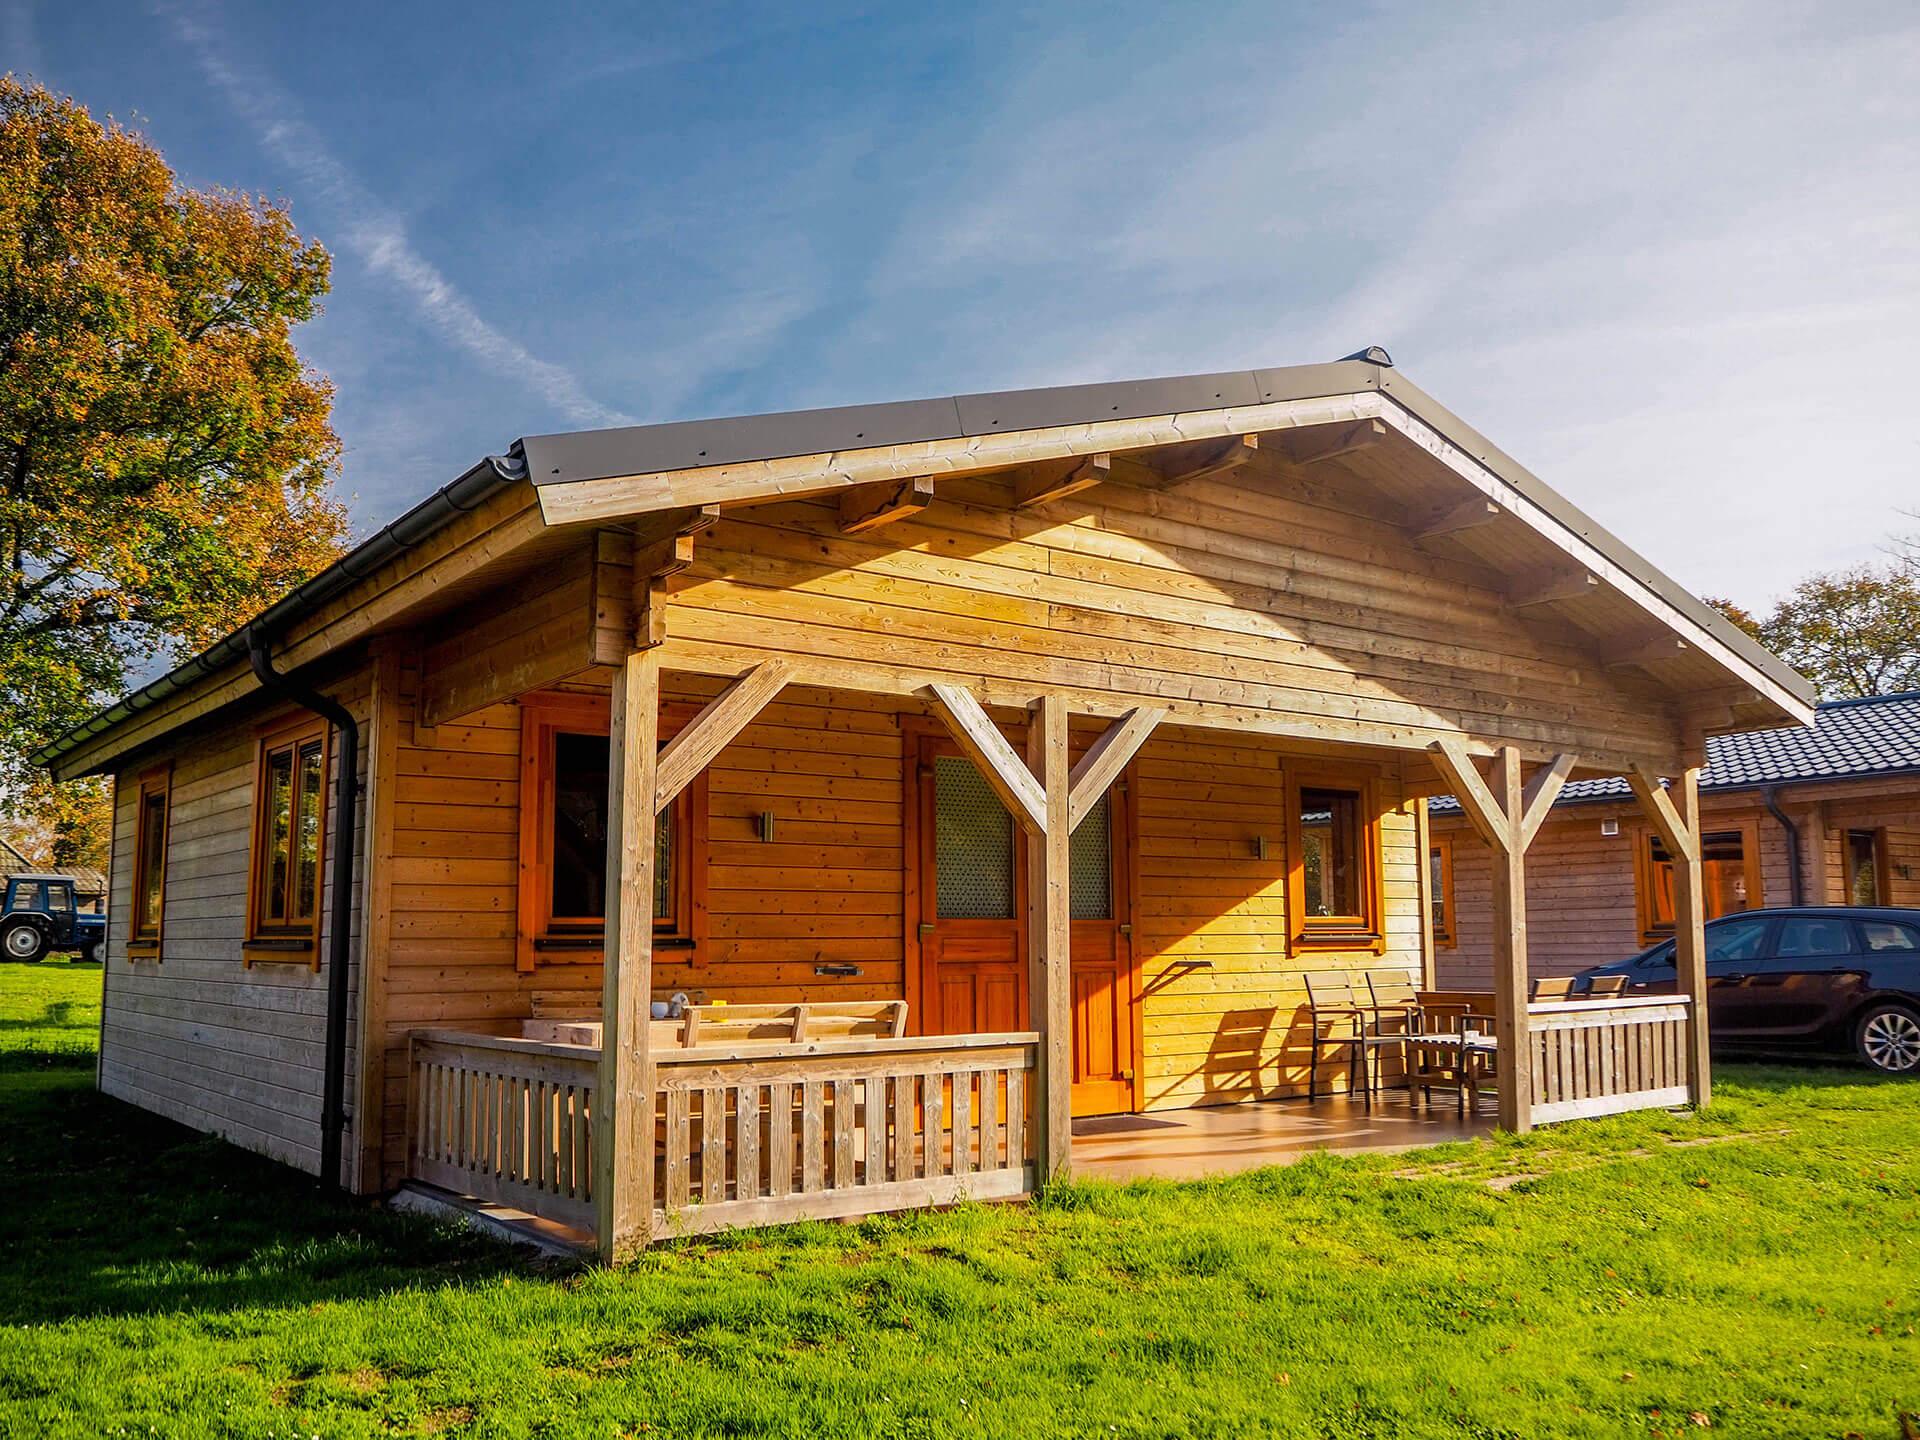 Twee houten blokhuizen op camping Schaapskooi voor recreatieve verhuur. Extra isolatie naast 70mm wanddikte voor verlenging van seizoen.